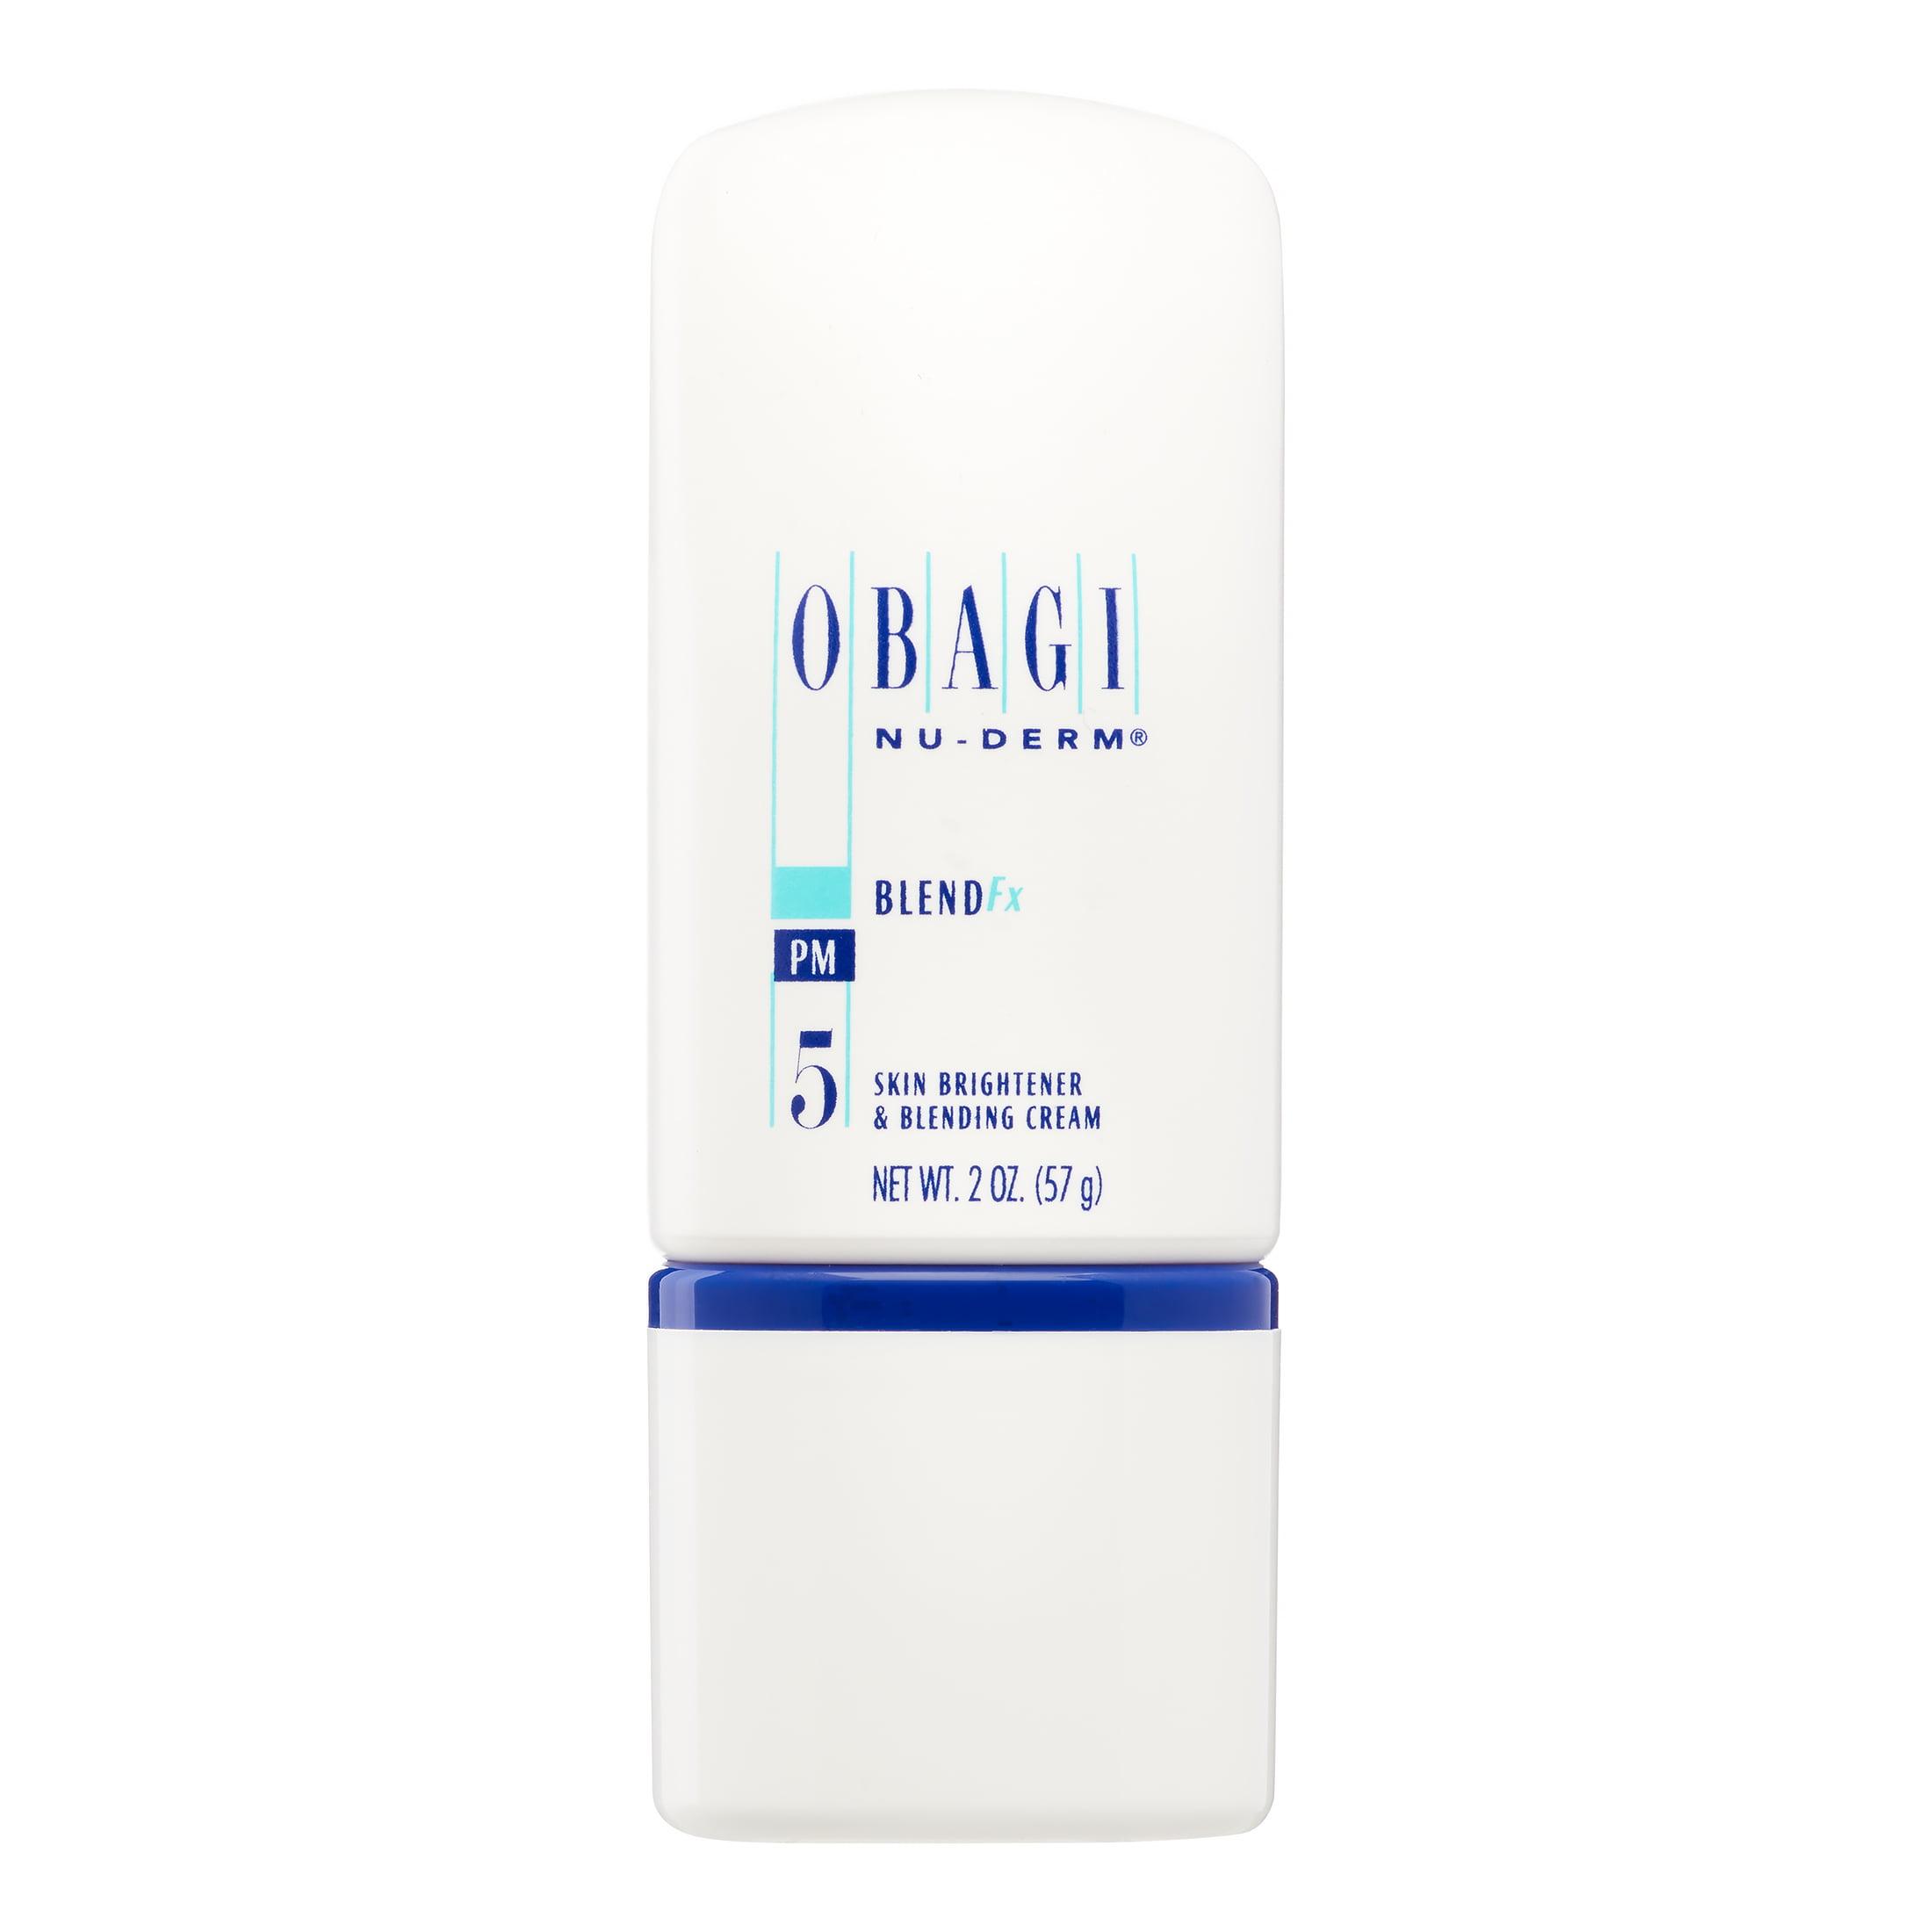 Obagi 99 Value Obagi Nu Derm Blend Fx Skin Brightener